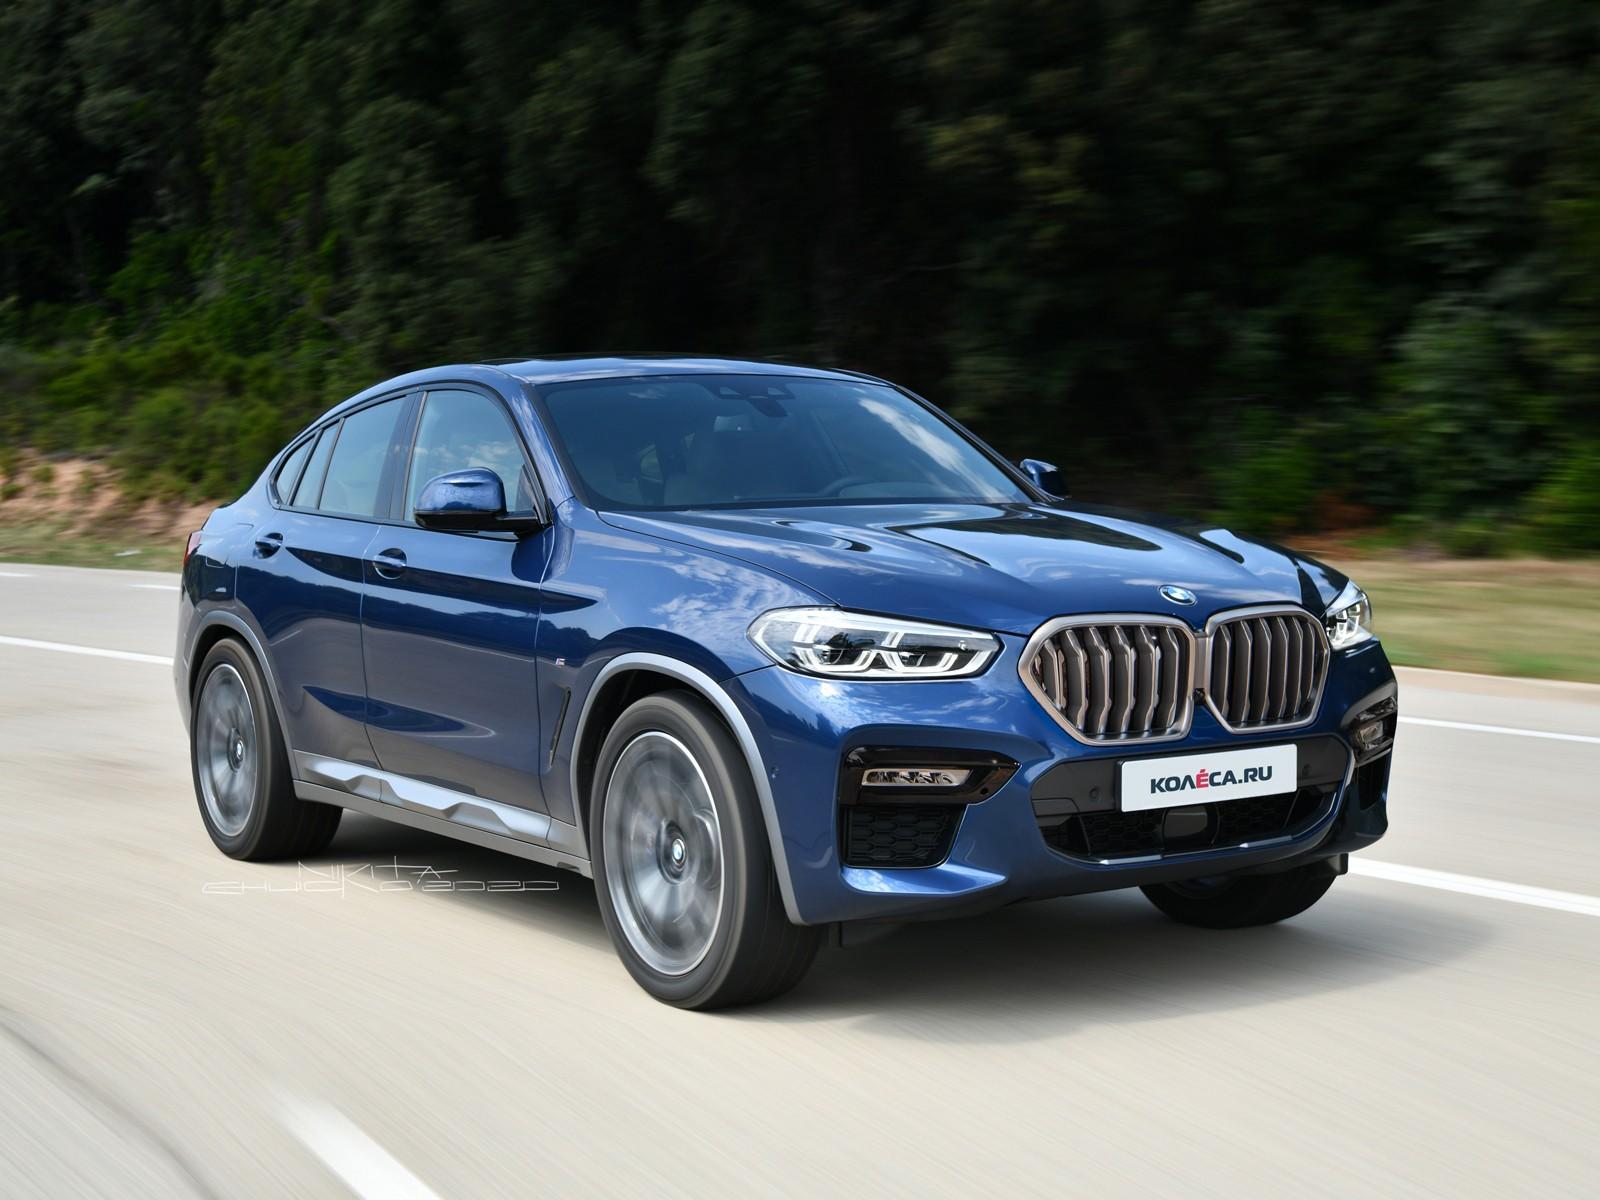 Обновлённый BMW X4: первые изображения